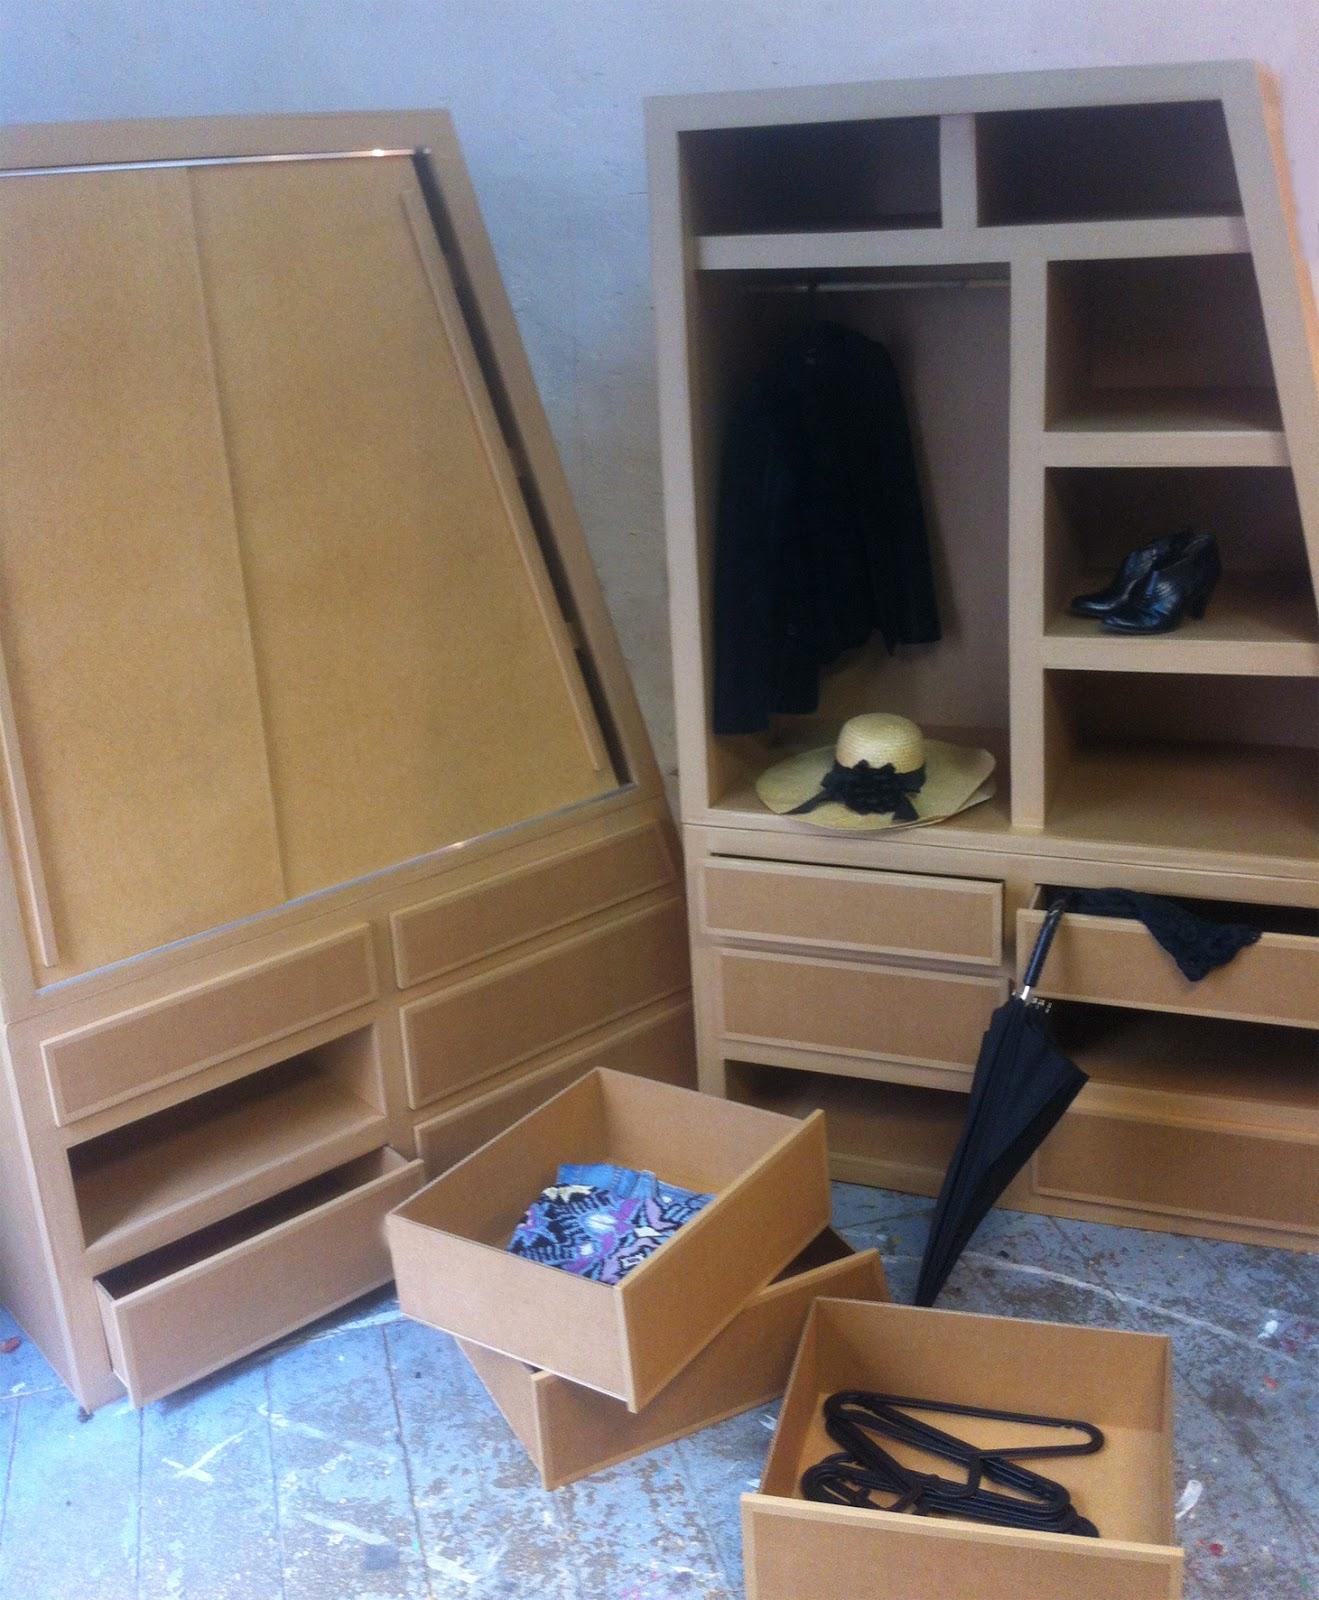 Juliadesign meuble en carton tag re en carton - Meuble pour ranger les verres ...